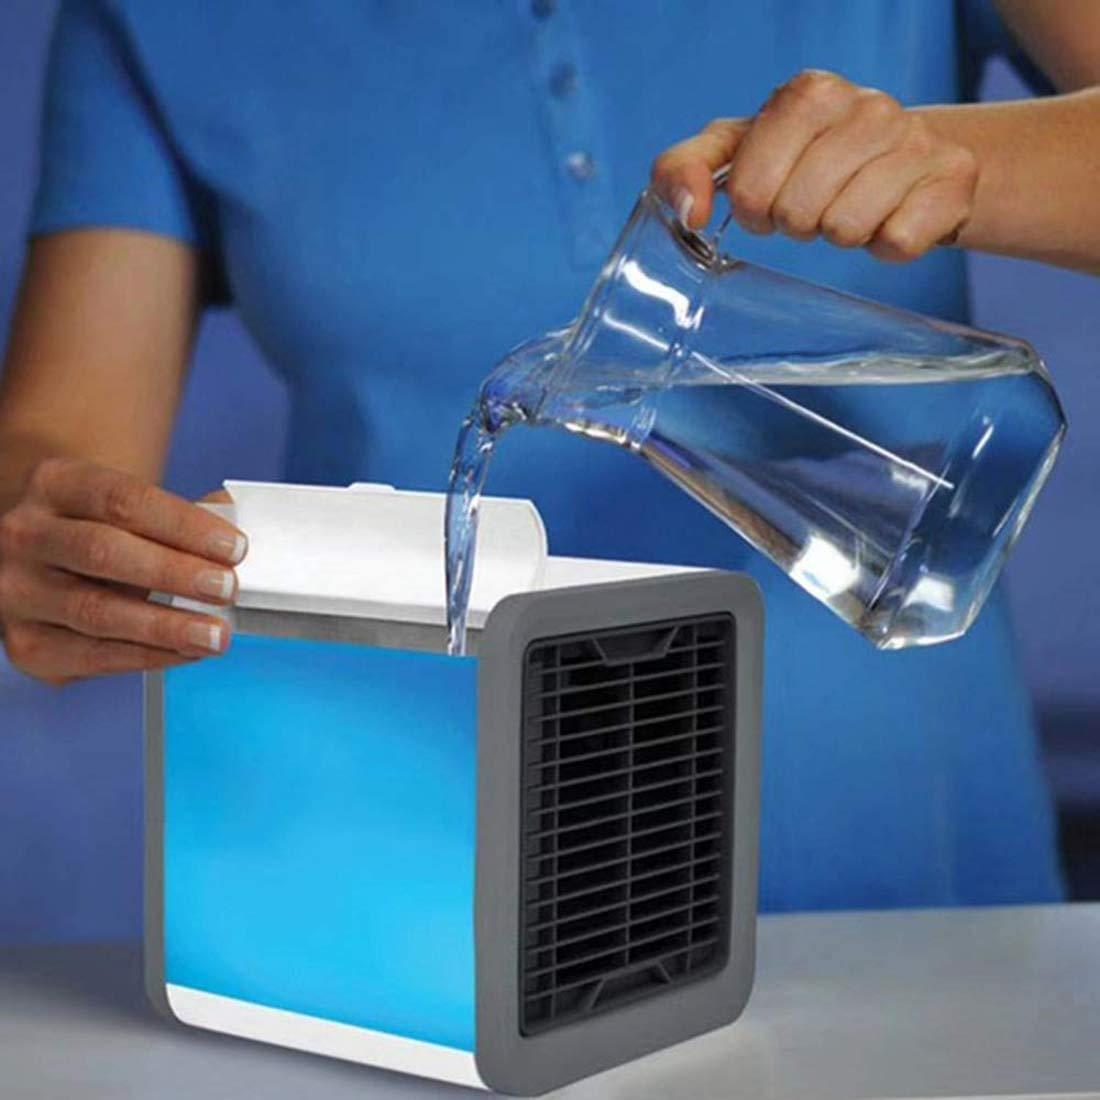 Gutsbox Air Mini Cooler Aire Acondicionado Portátil, Enfriador USB ...